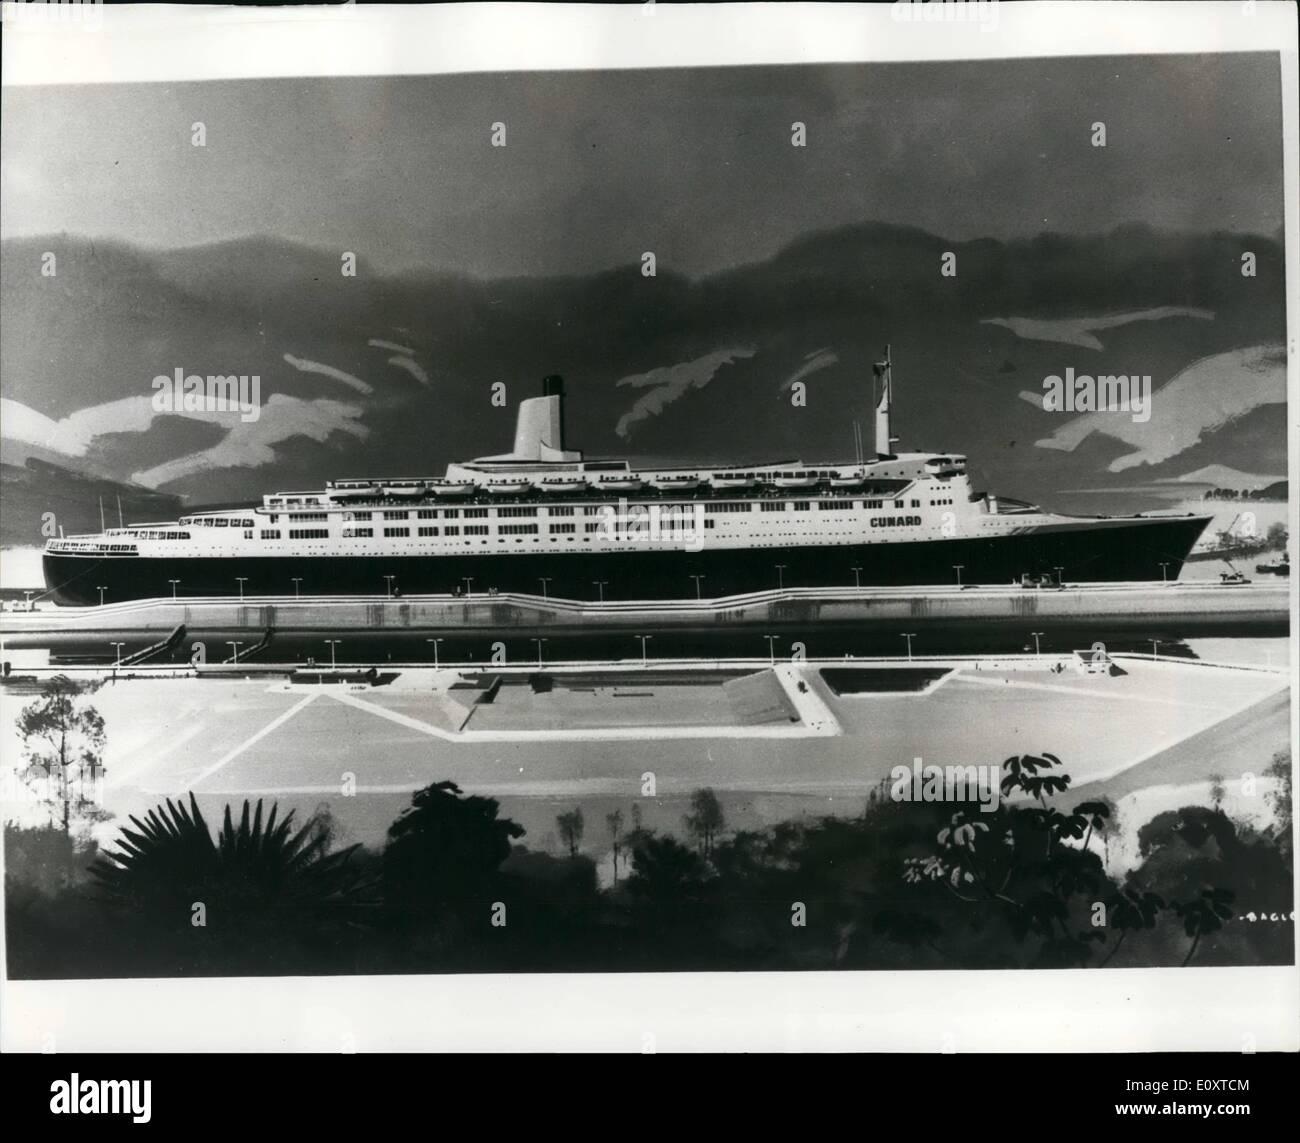 Septembre 09, 1967 - Un artiste du nouveau paquebot de Cunard Q-4: Artiste Laurence Bagley capturer la scène de comment le nouveau paquebot Cunard Q-4 examinera les bords comme elle son chemin à travers le canal de Panama, le plus grand navire dans les mondes en mesure de le faire. Elle sera également en mesure de passer il par le canal de Suez. Le liner qui sera verrouillé et nommé par la reine à Clydebank aujourd'hui auront plus d'espace de pont découvert que tout autre navire de passagers Photo Stock